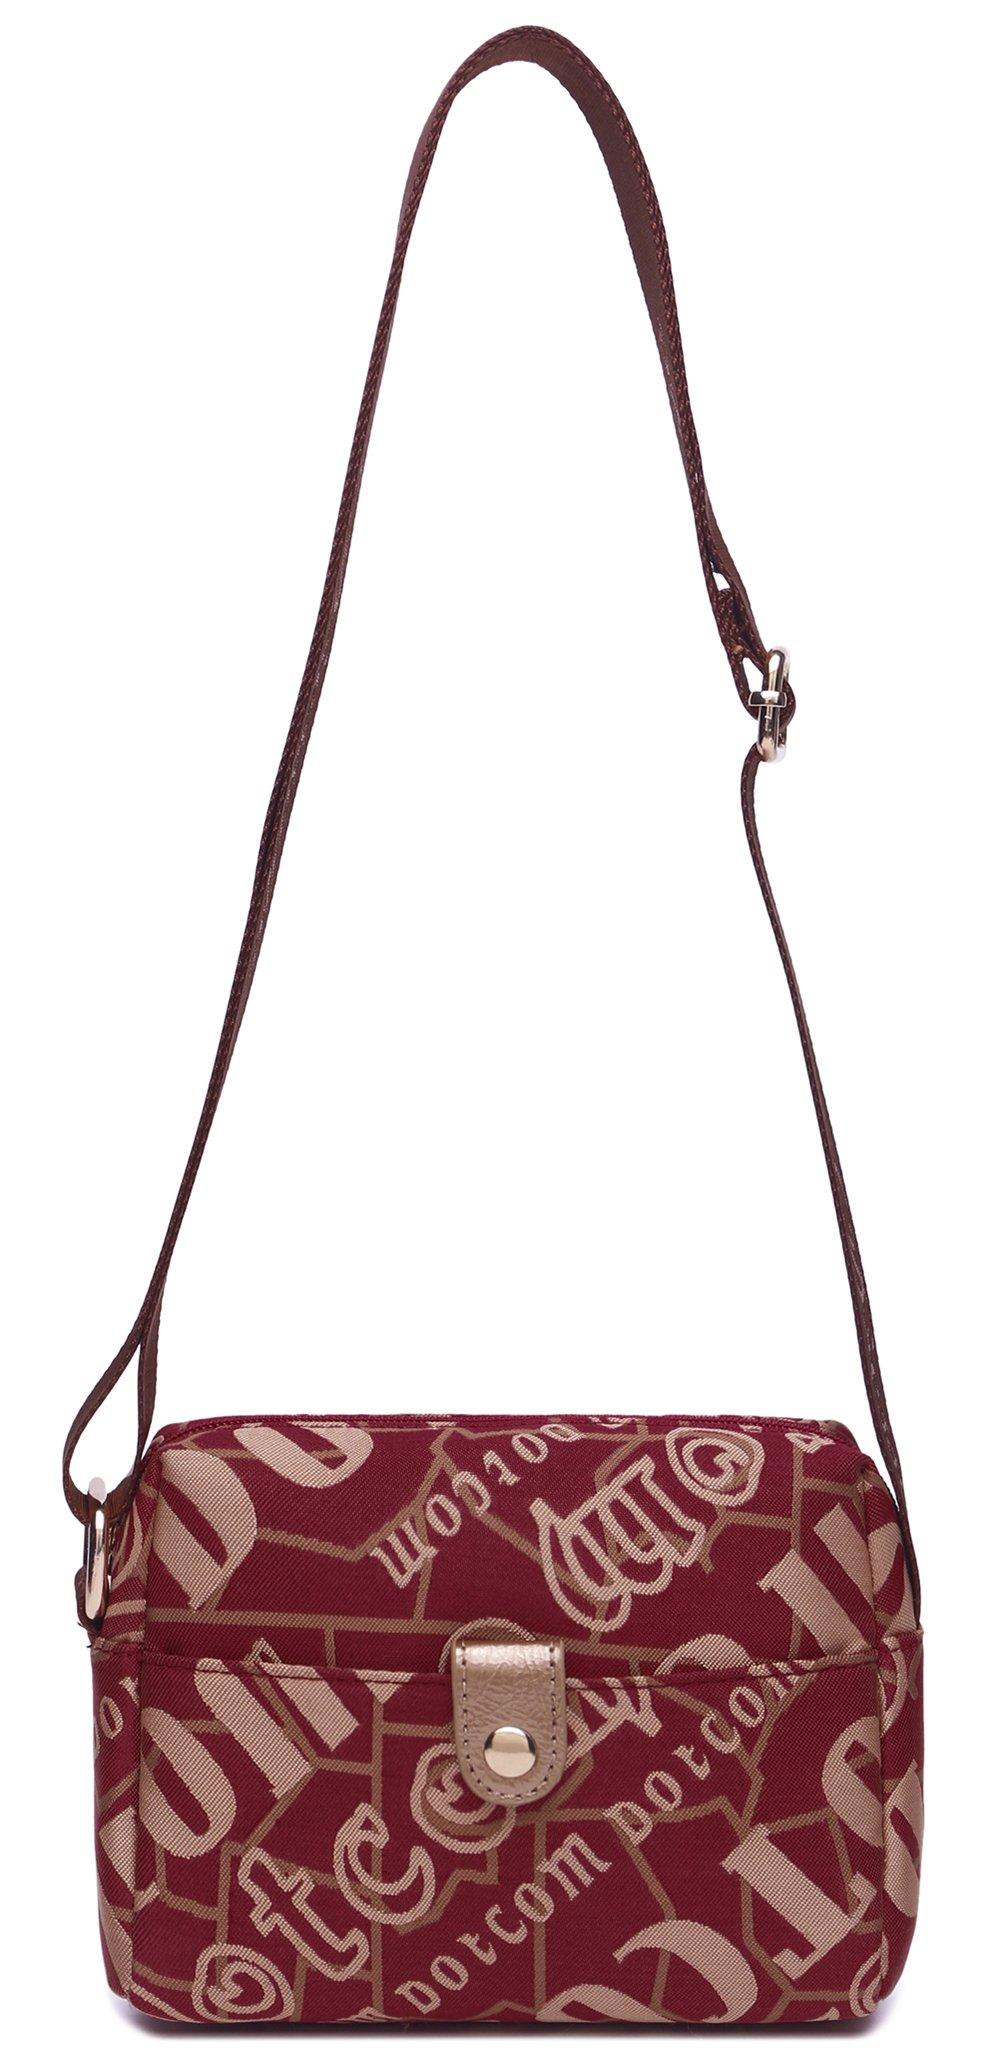 馬場馬術2016新しいトレンドファッションバックパックキャンバスバッグ小さな斜めの女性のバッグ153(小、赤)